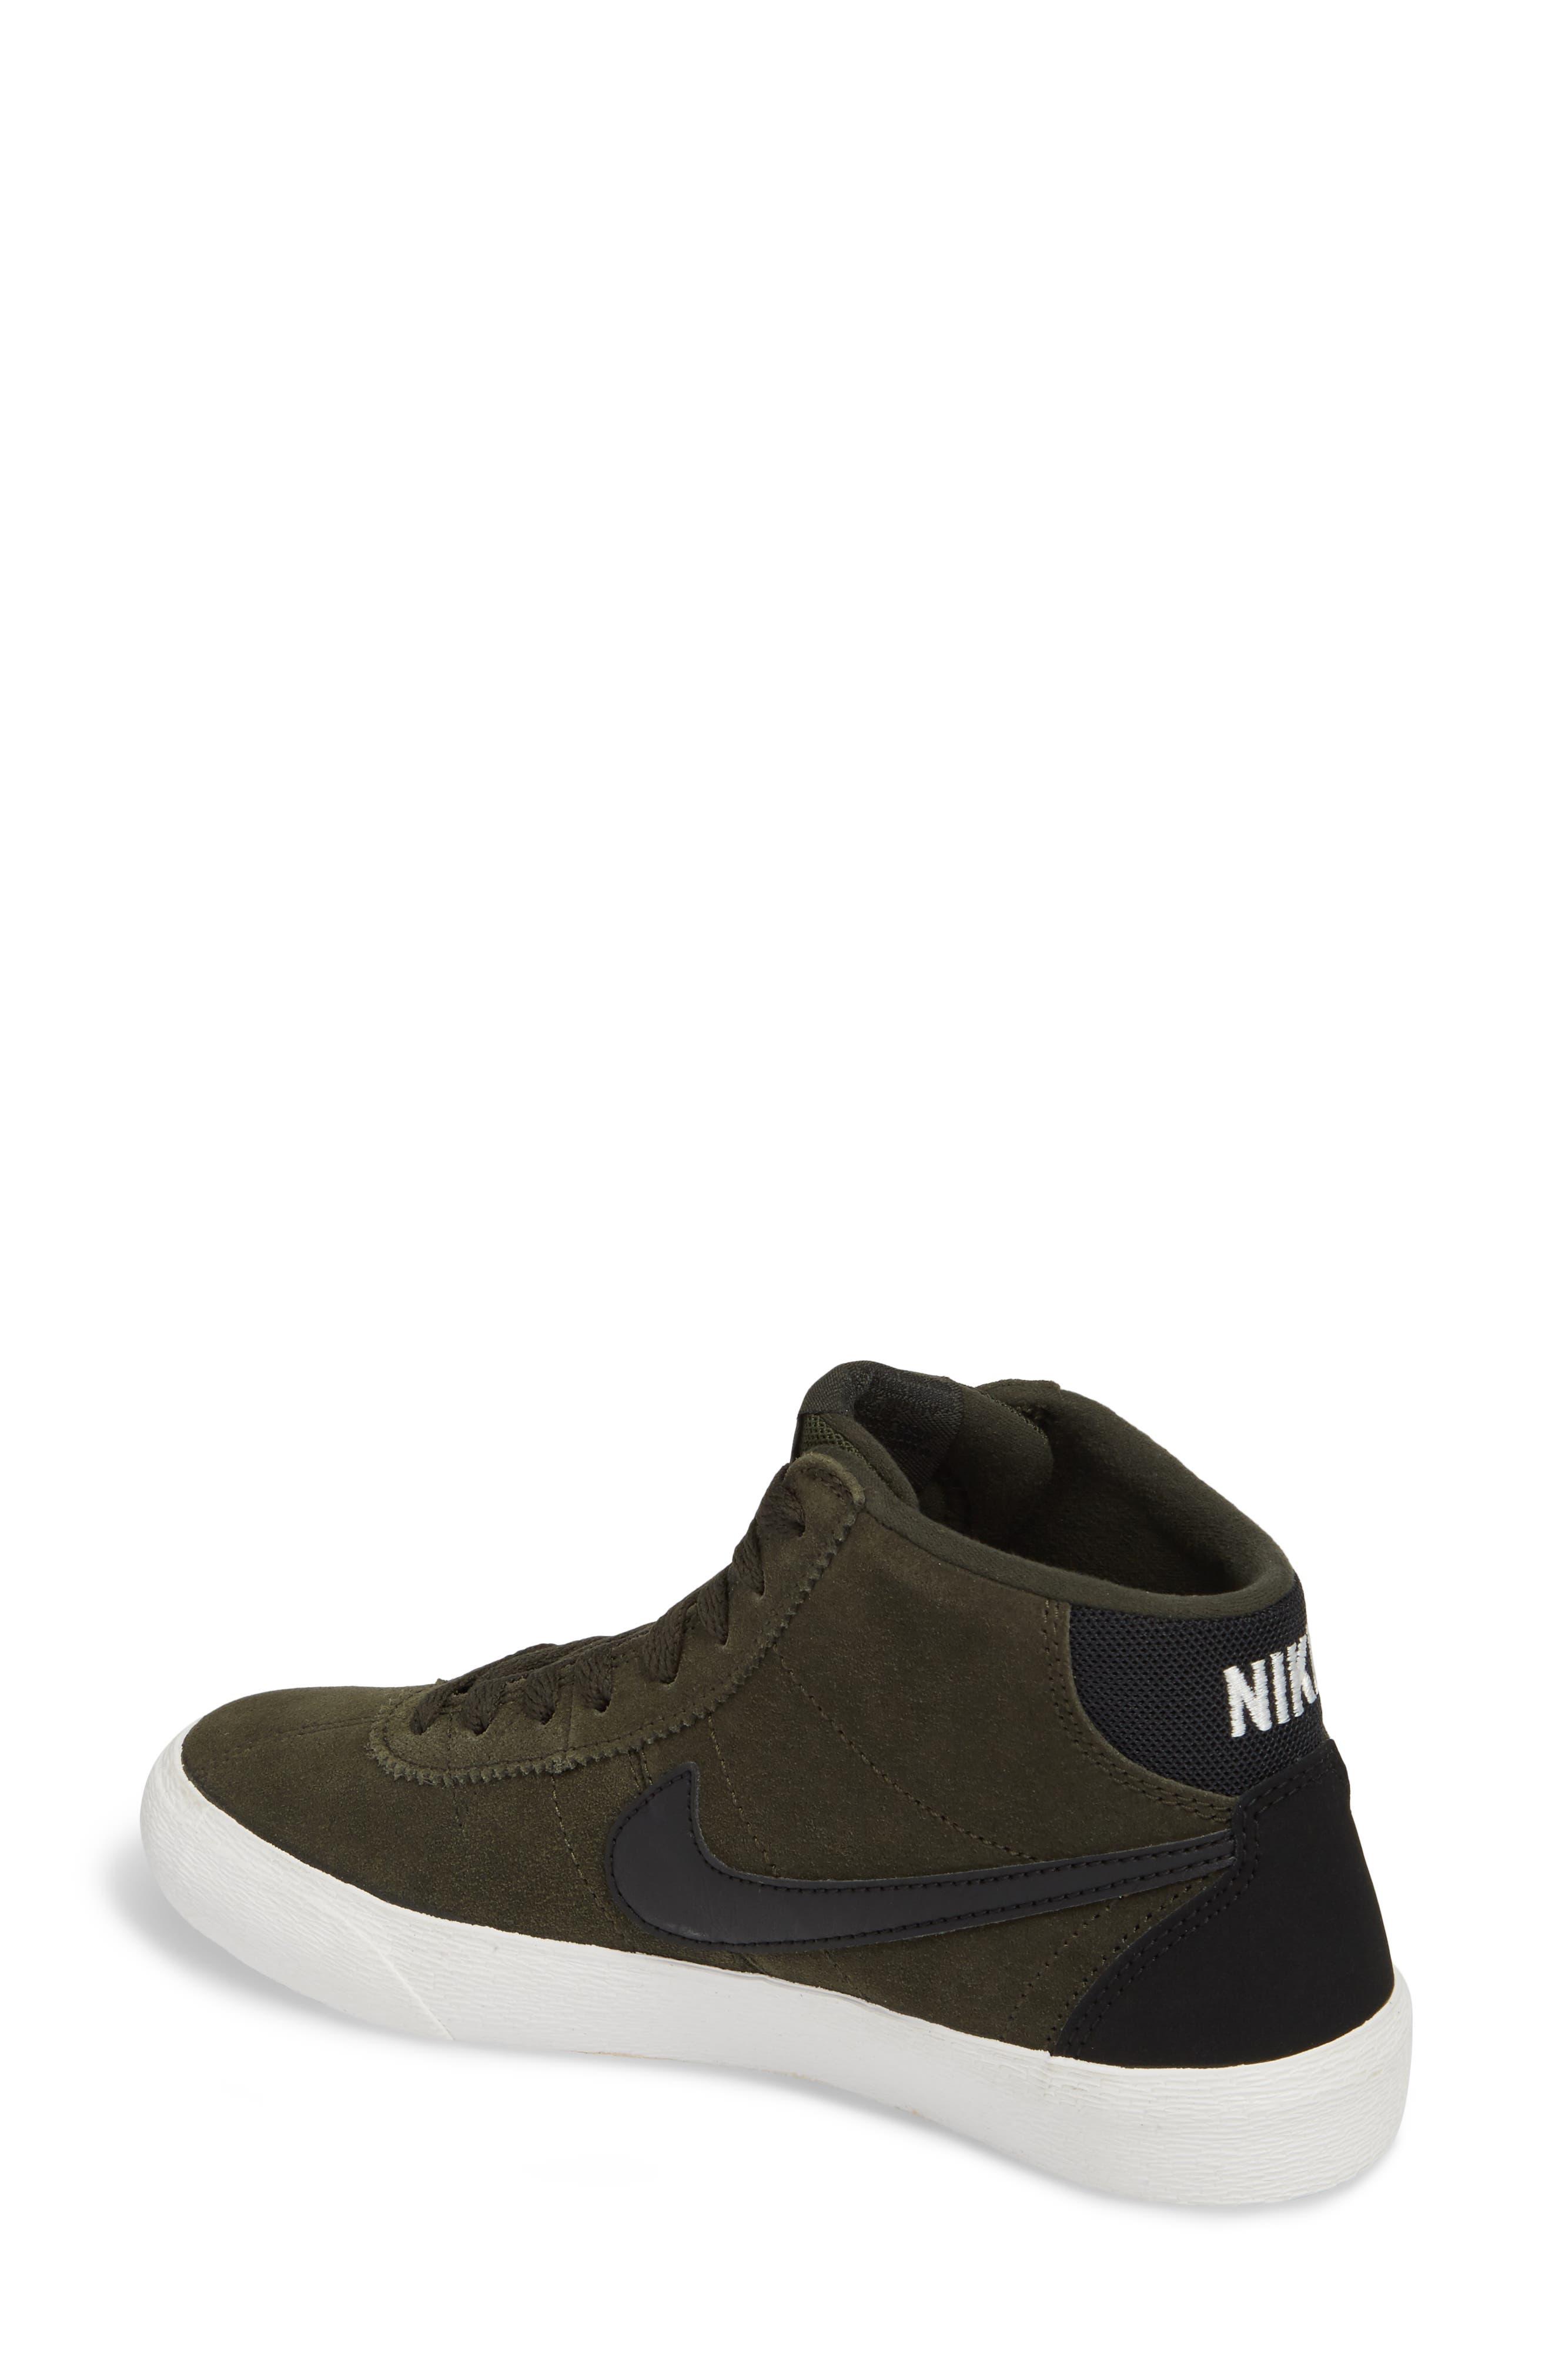 Alternate Image 2  - Nike SB Bruin Hi Skateboarding Sneaker (Women)